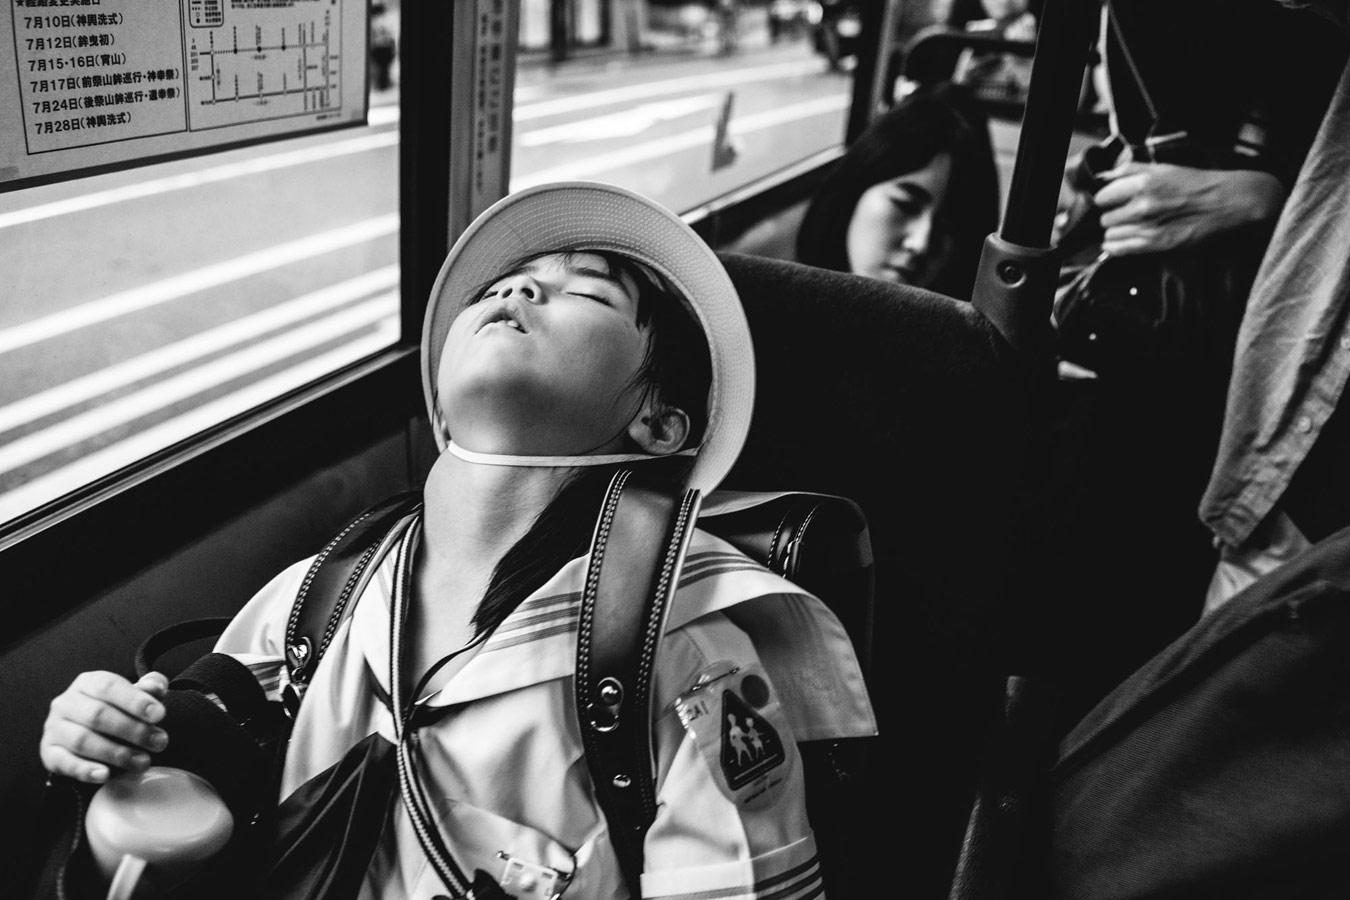 Цзянь Сенг Сох, Малайзия / Jian Seng Soh, Malaysia, Национальная премия, Фотоконкурс Sony World Photography Awards 2017